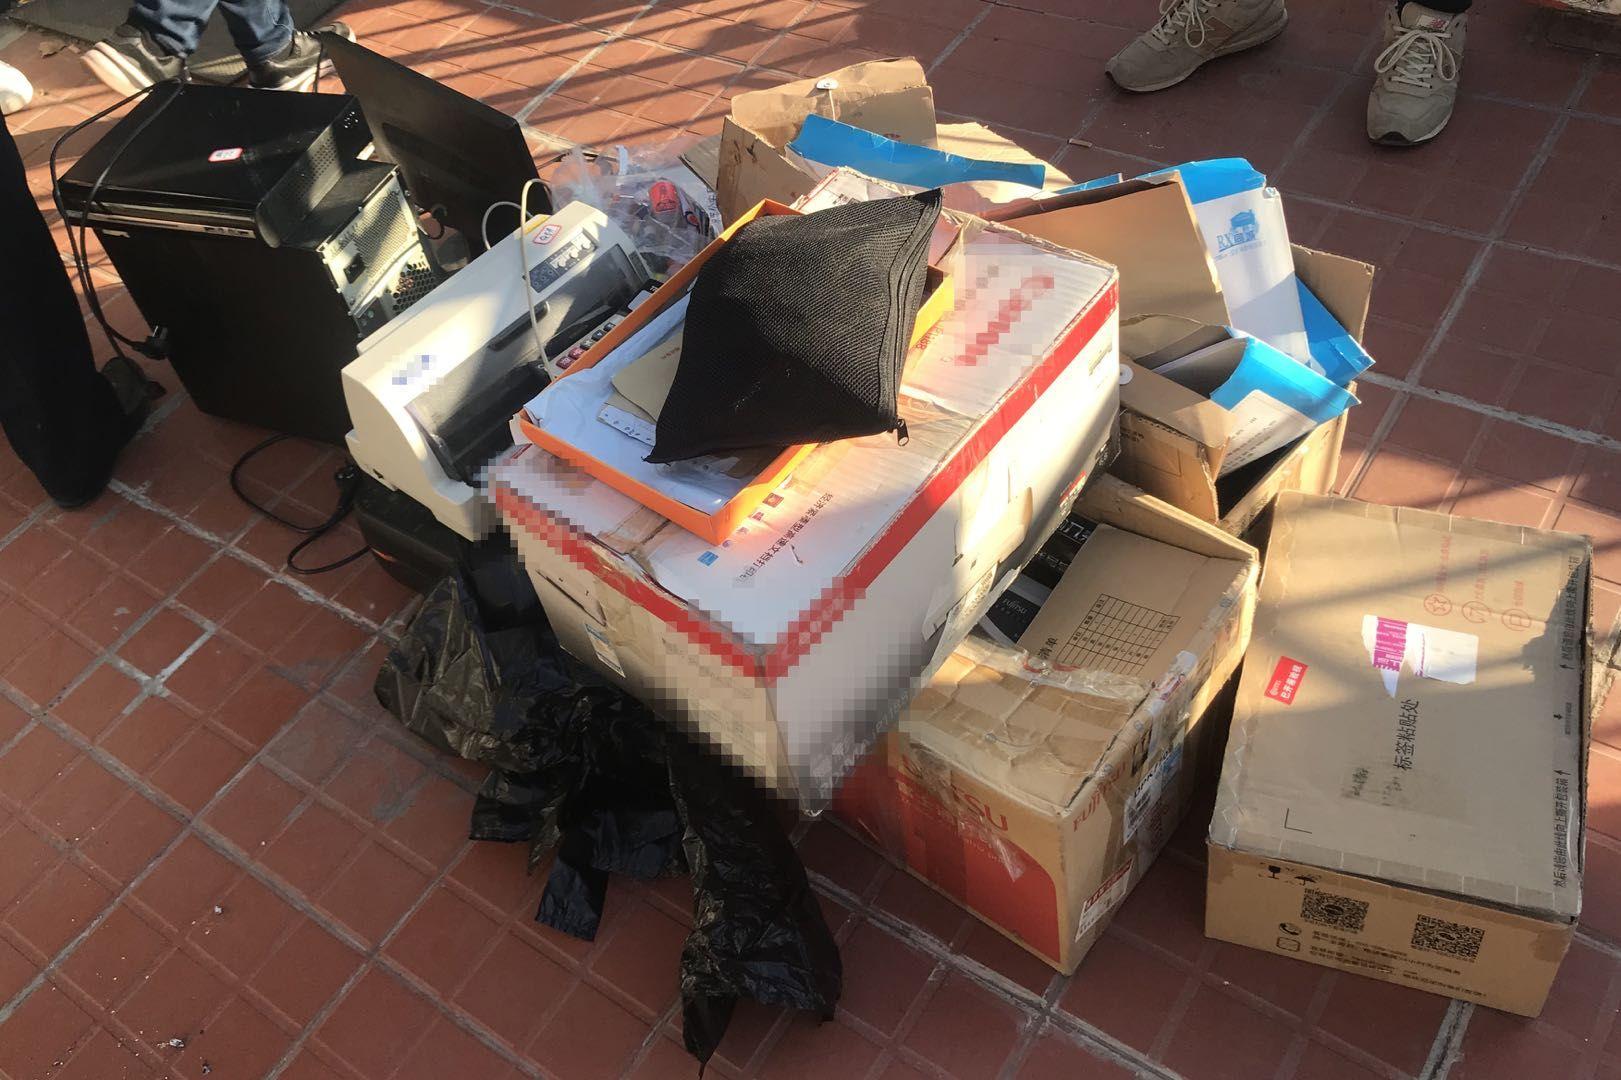 北京警方查获一虚开发票犯罪产业链 涉案金额超50亿